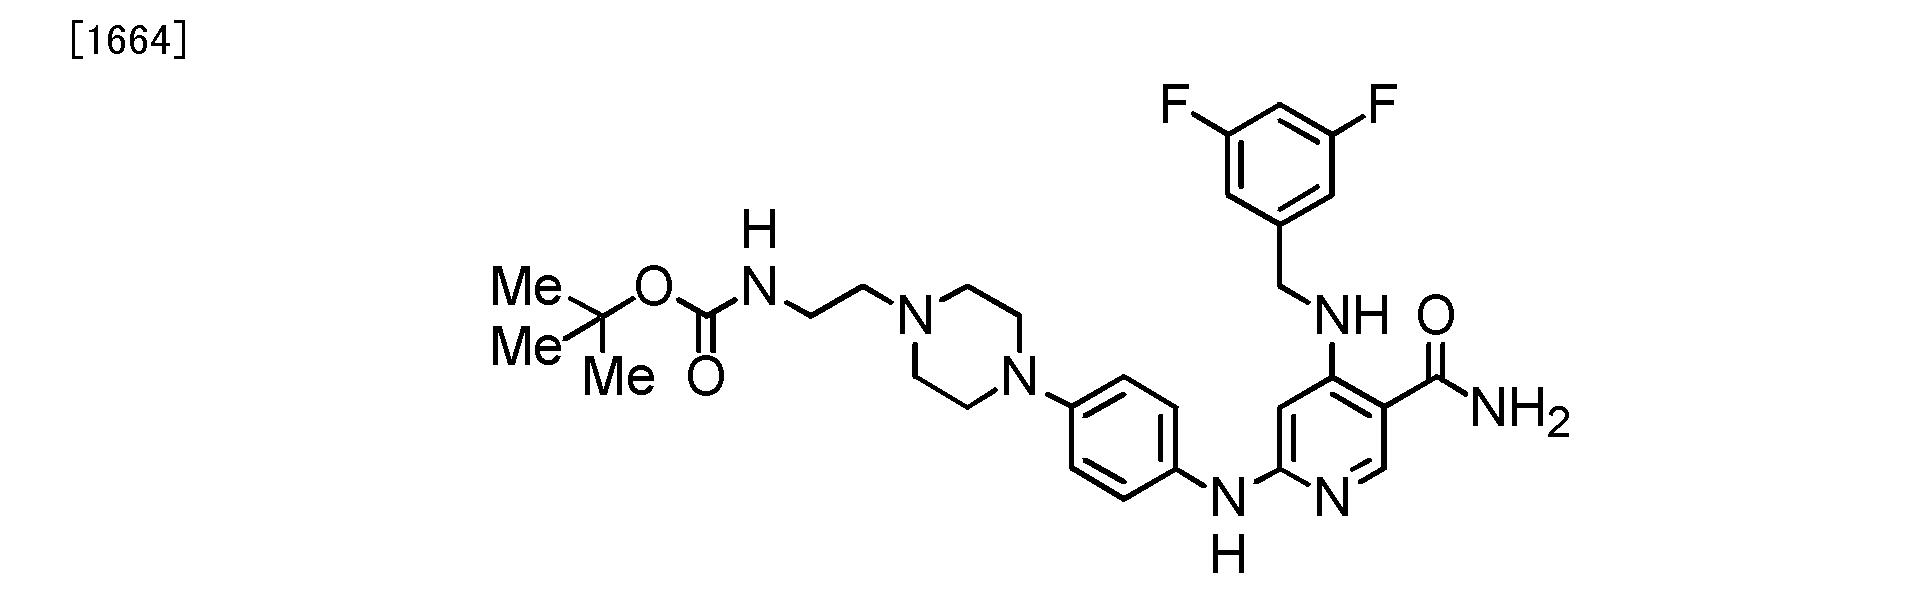 Figure CN102227409BD01502